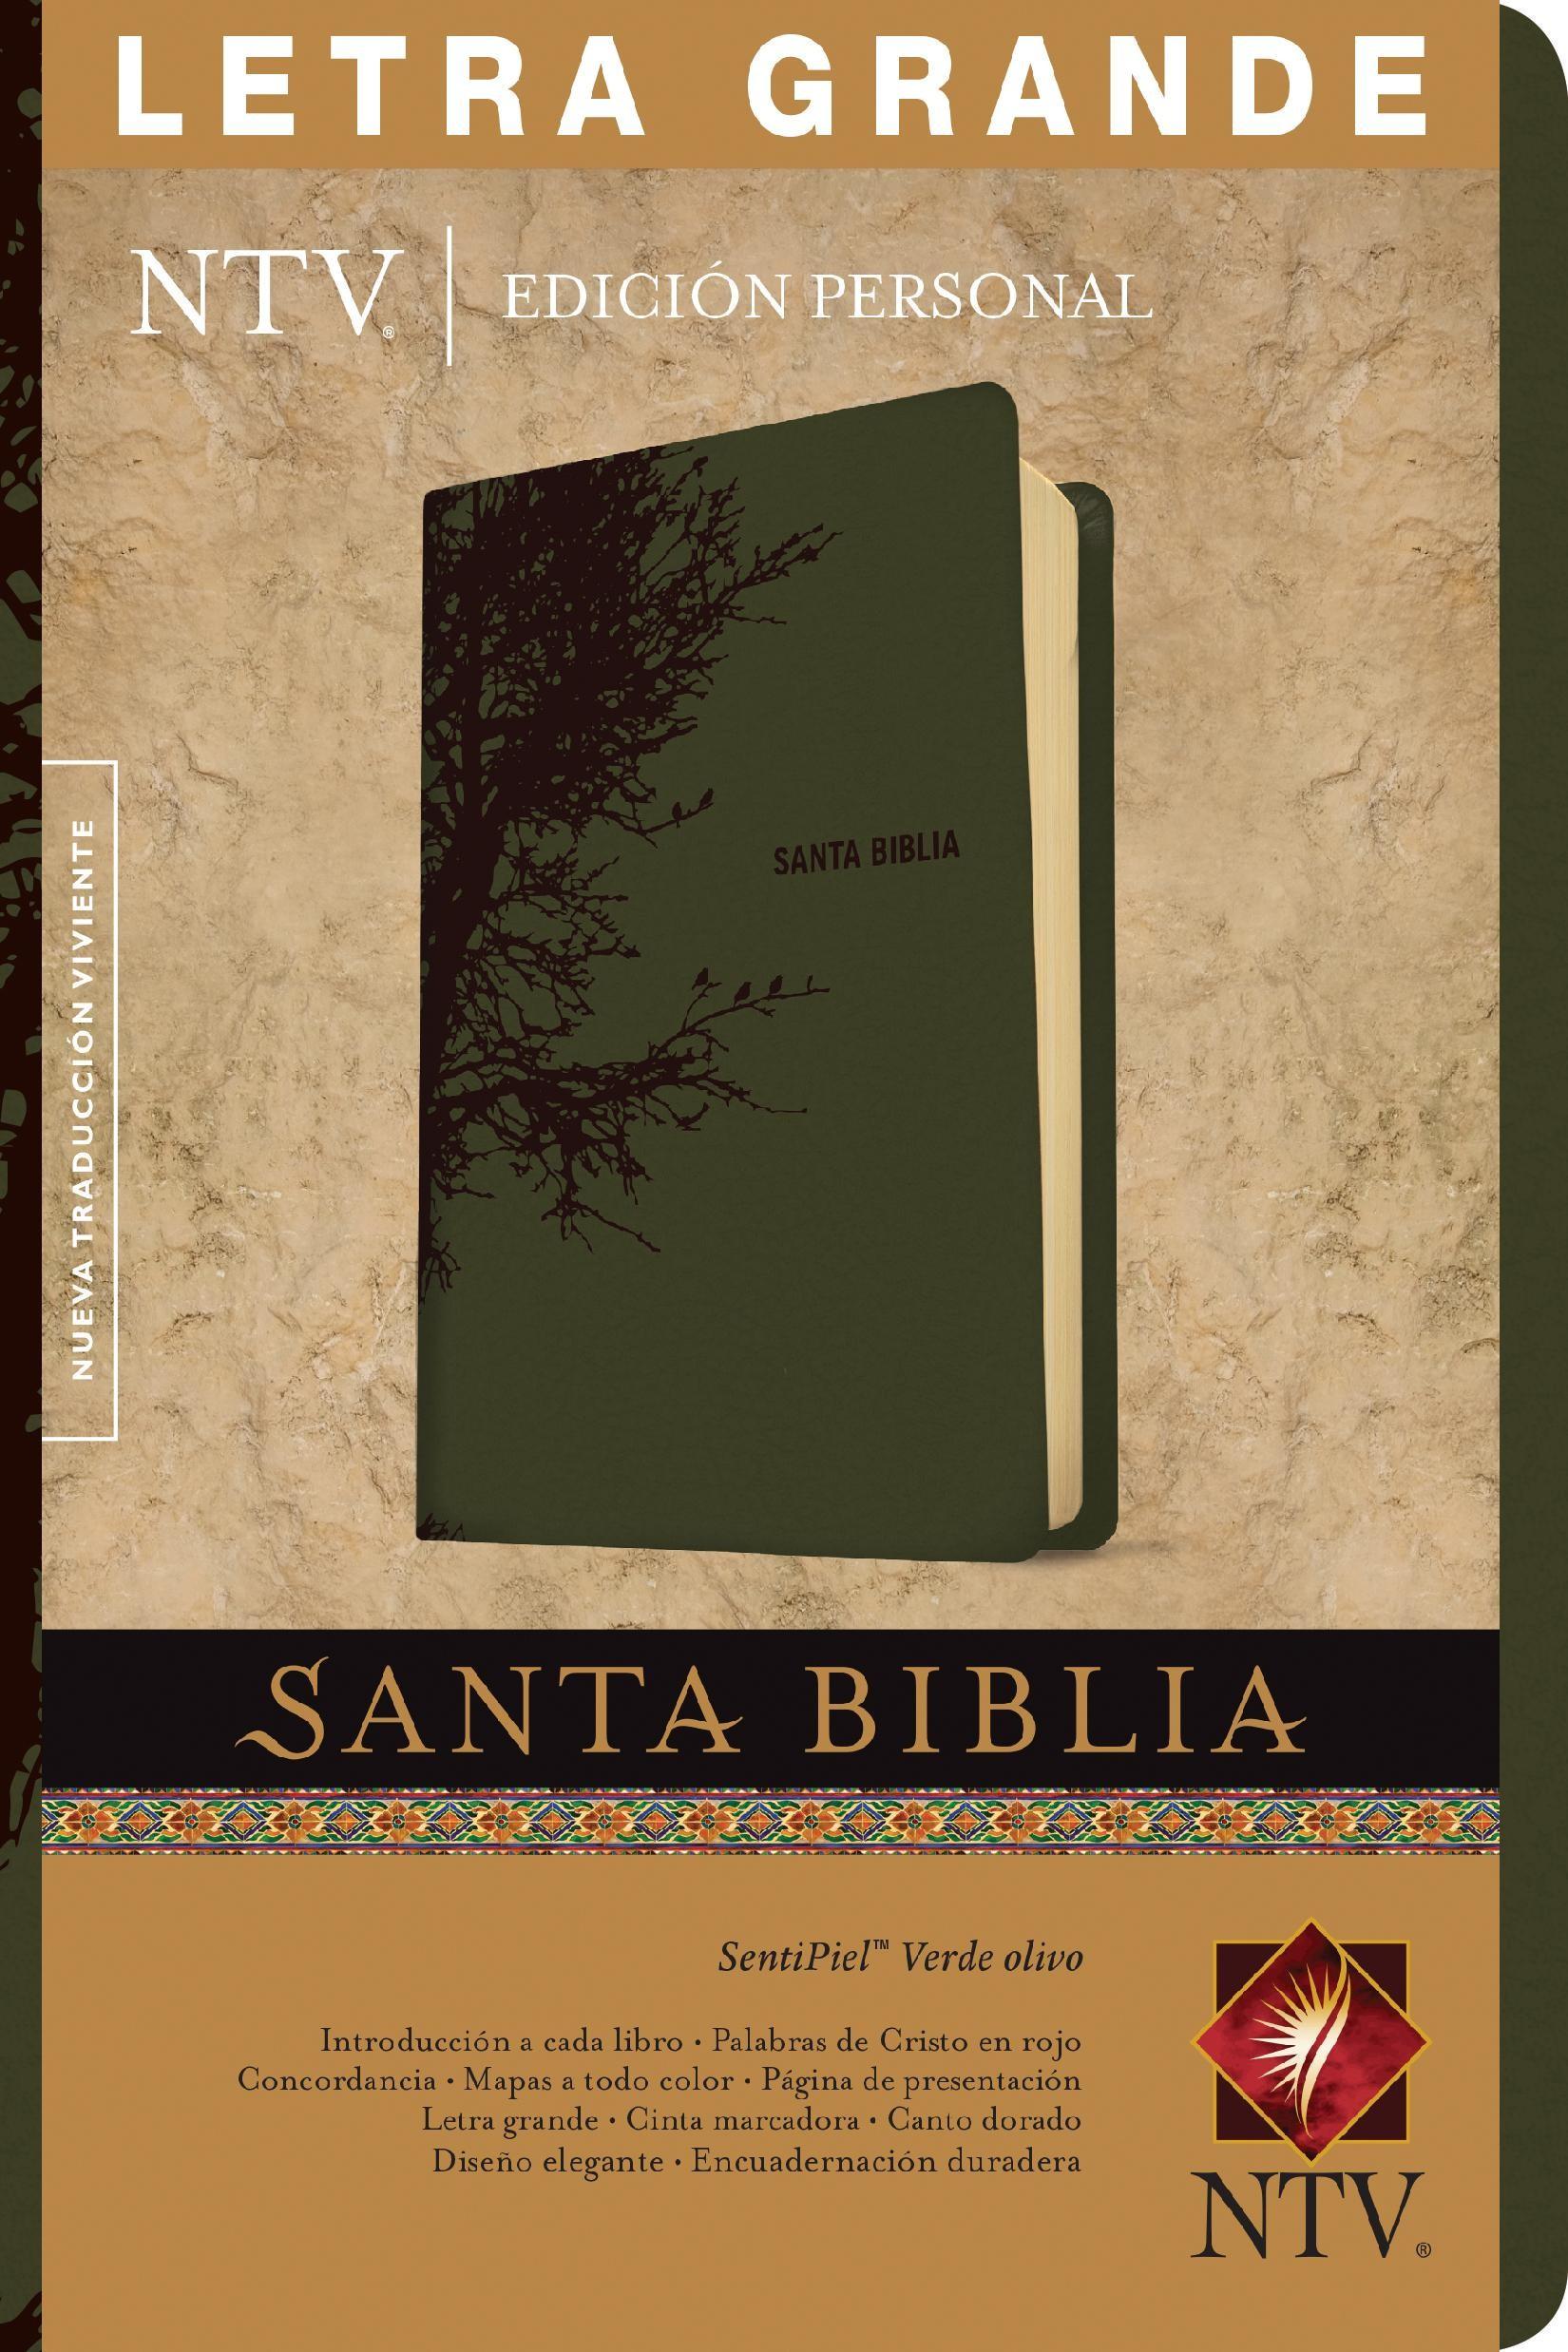 Santa Biblia NTV, Edición personal, letra grande (Letra Roja, SentiPiel, Verde olivo)